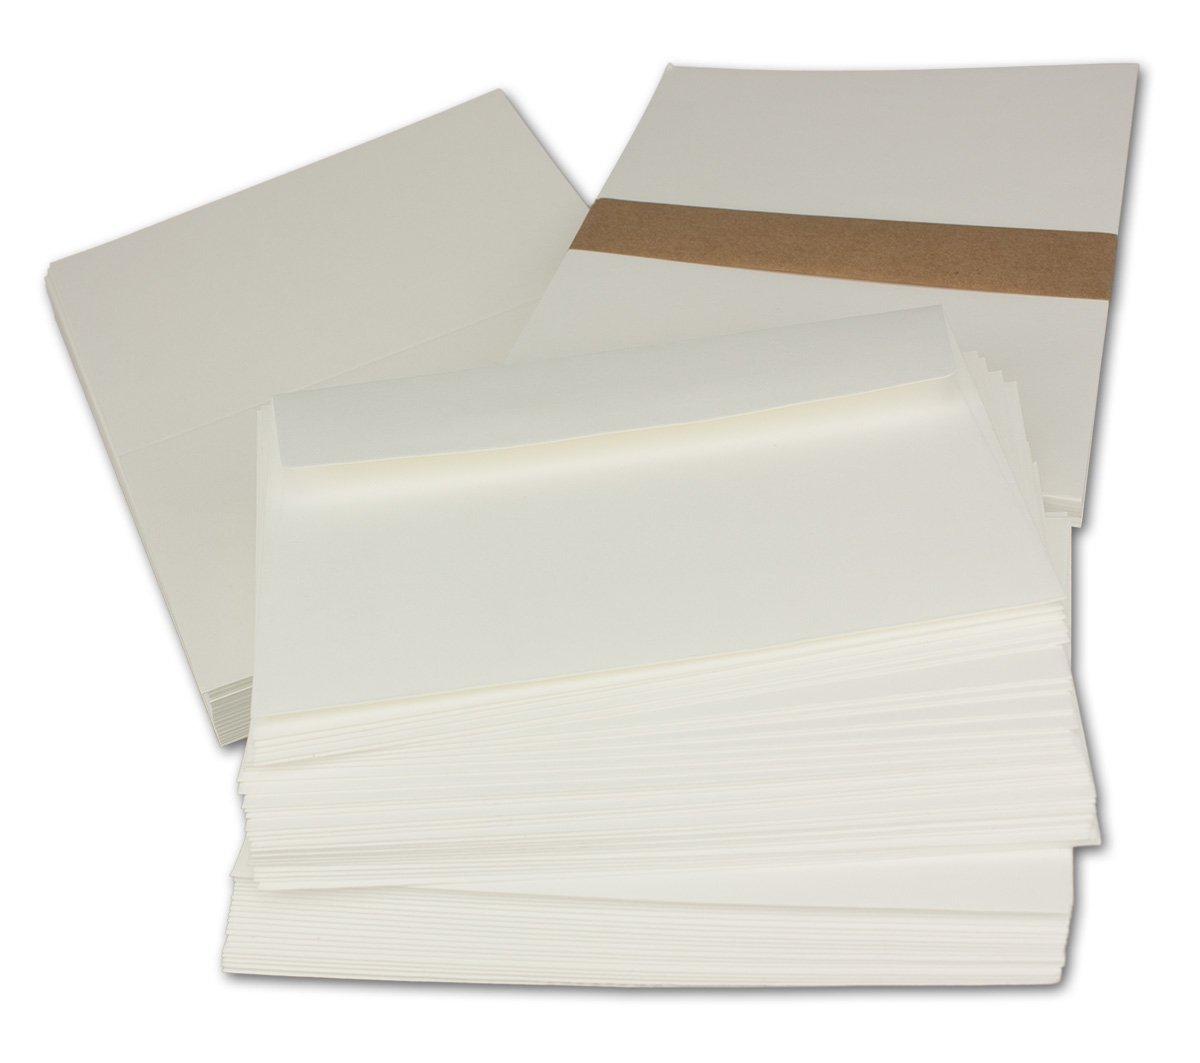 Kartenpaket DIN A6   C6 mit Faltkarten in Creme - Umschlägen in Creme mit Haftklebung - Einlegeblätter in Creme  200 Sets   Für besondere Anlässe  - Qualitätsmarke  Gustav NEUSER® B07D3QNGR1   Modisch